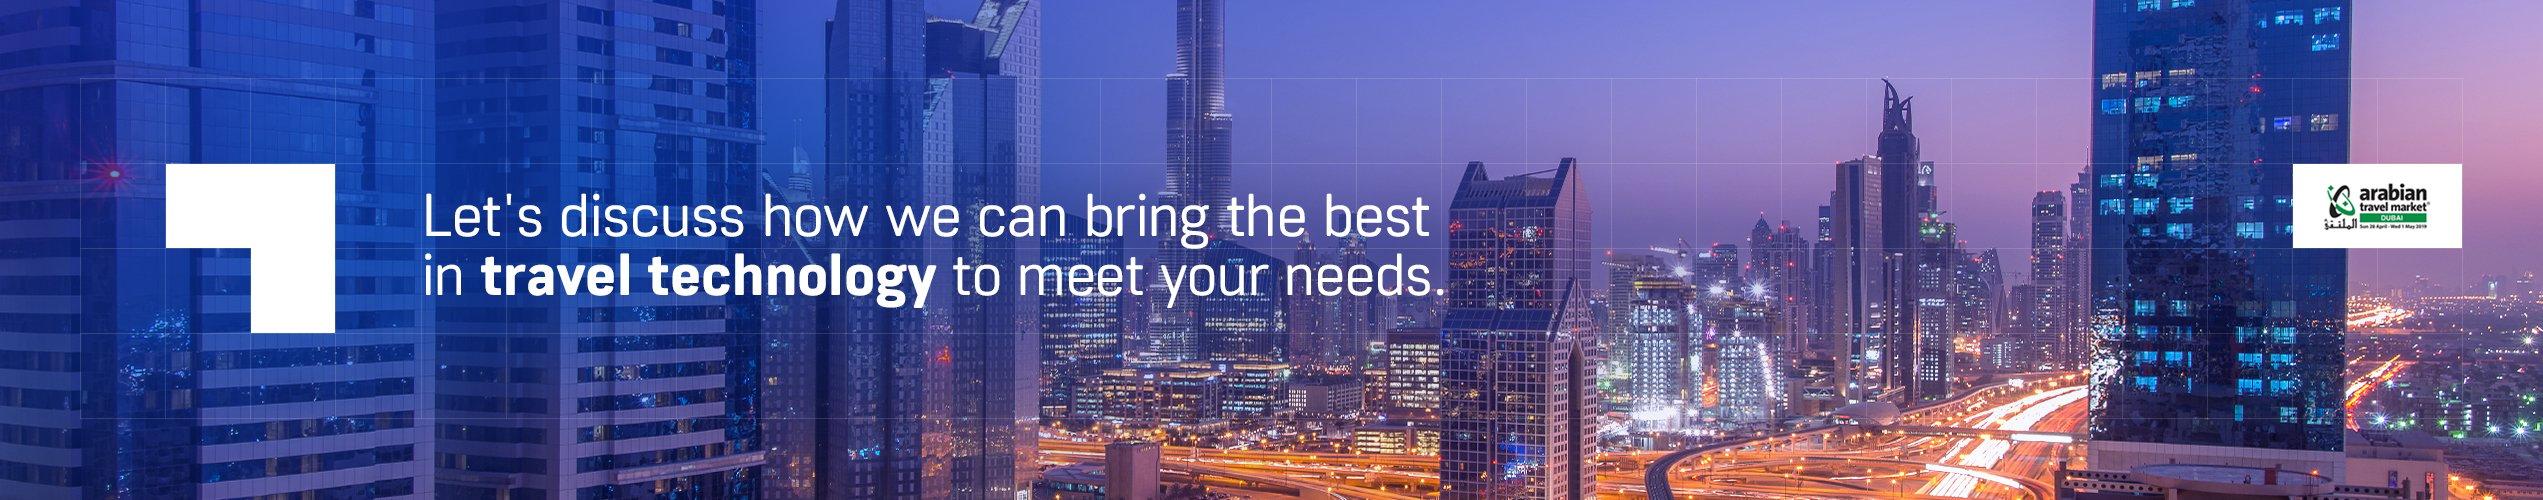 dcs plus | Let's meet at ATM Dubai 2019